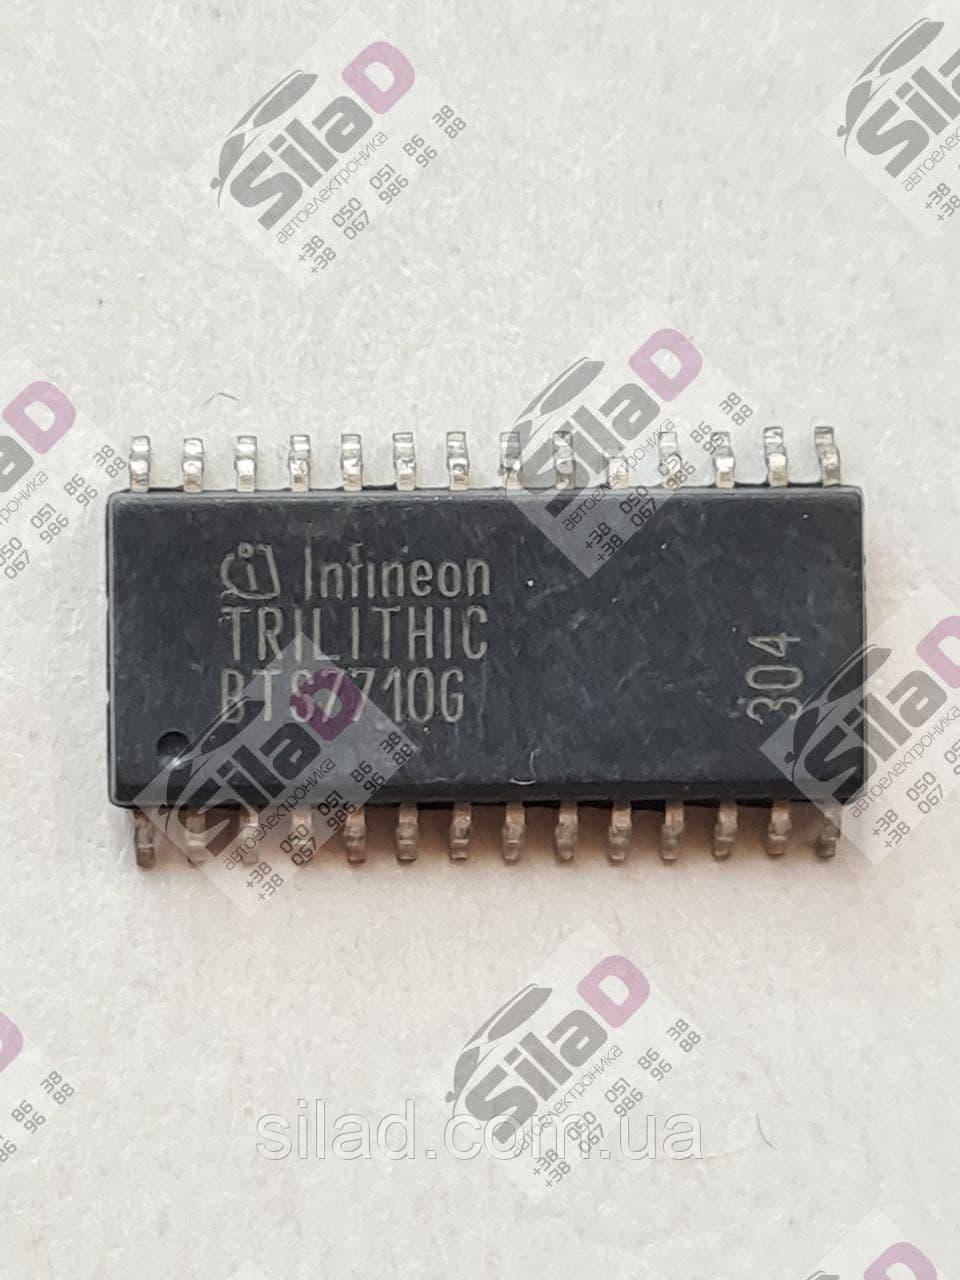 Микросхема BTS7710G Infinieon корпус P-DSO-28